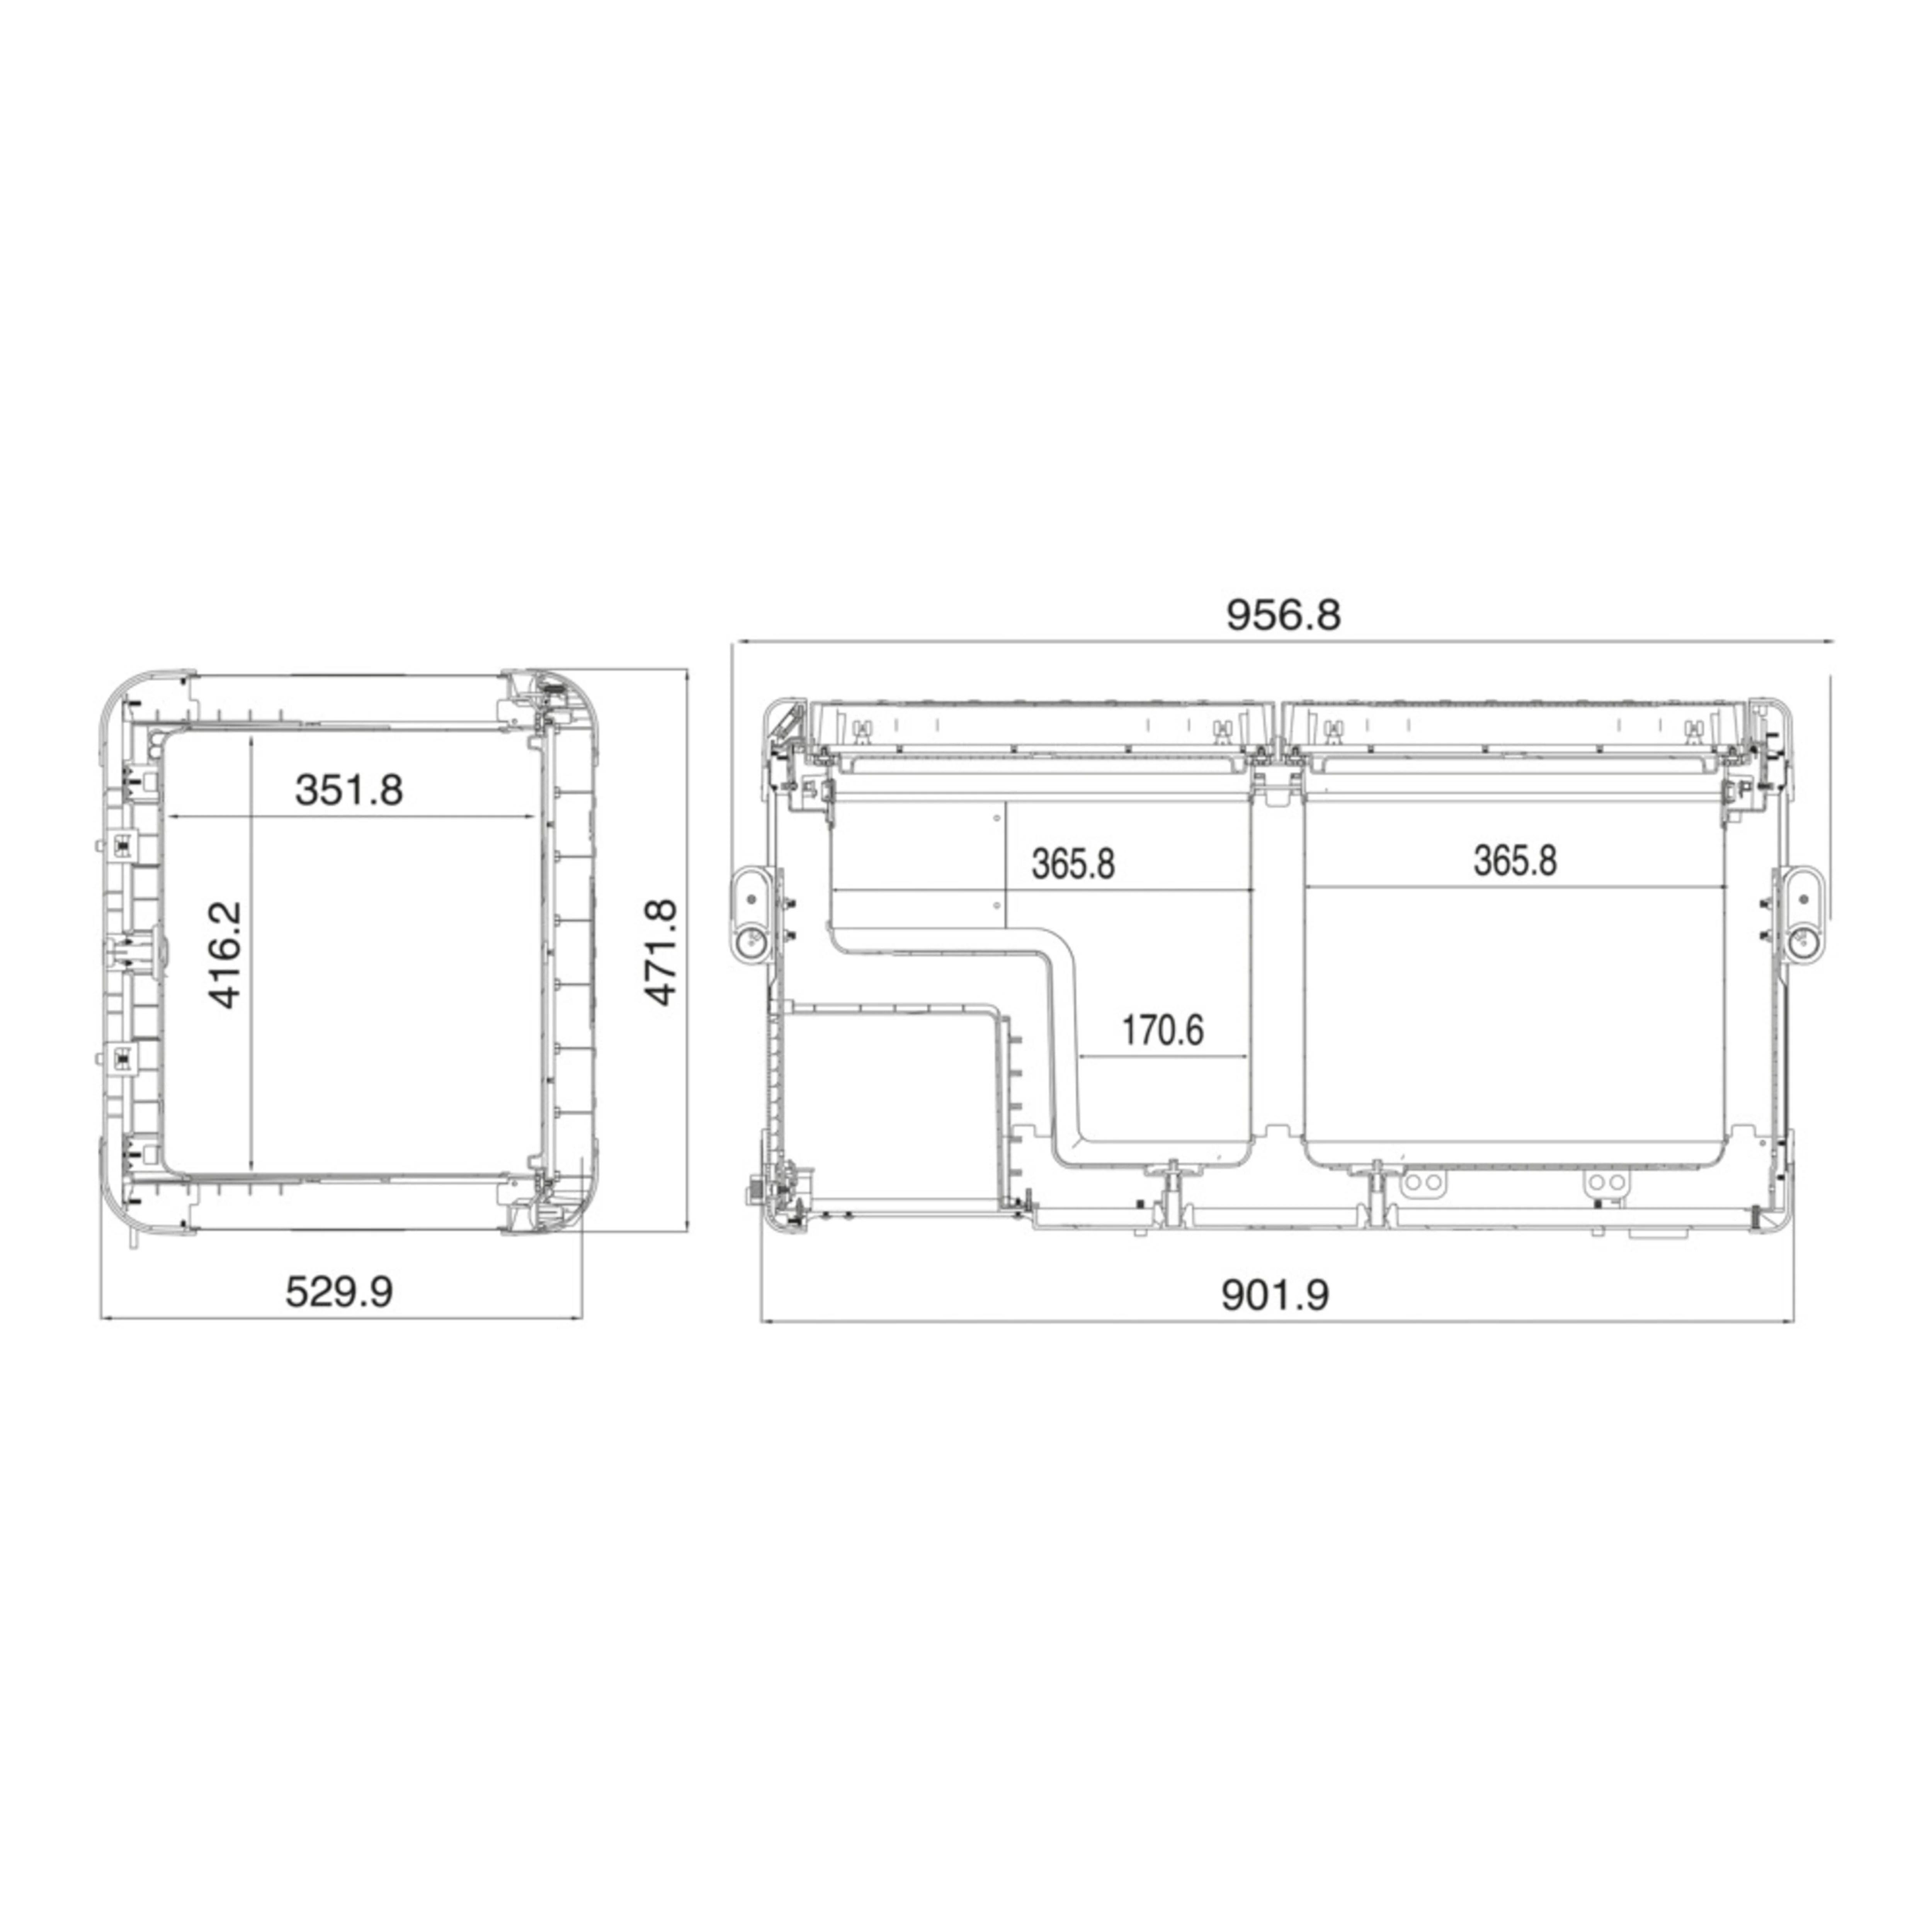 small resolution of 240 volt freezer schematic online wiring diagram240 volt freezer schematic wiring diagrams update freezer defrost wiring